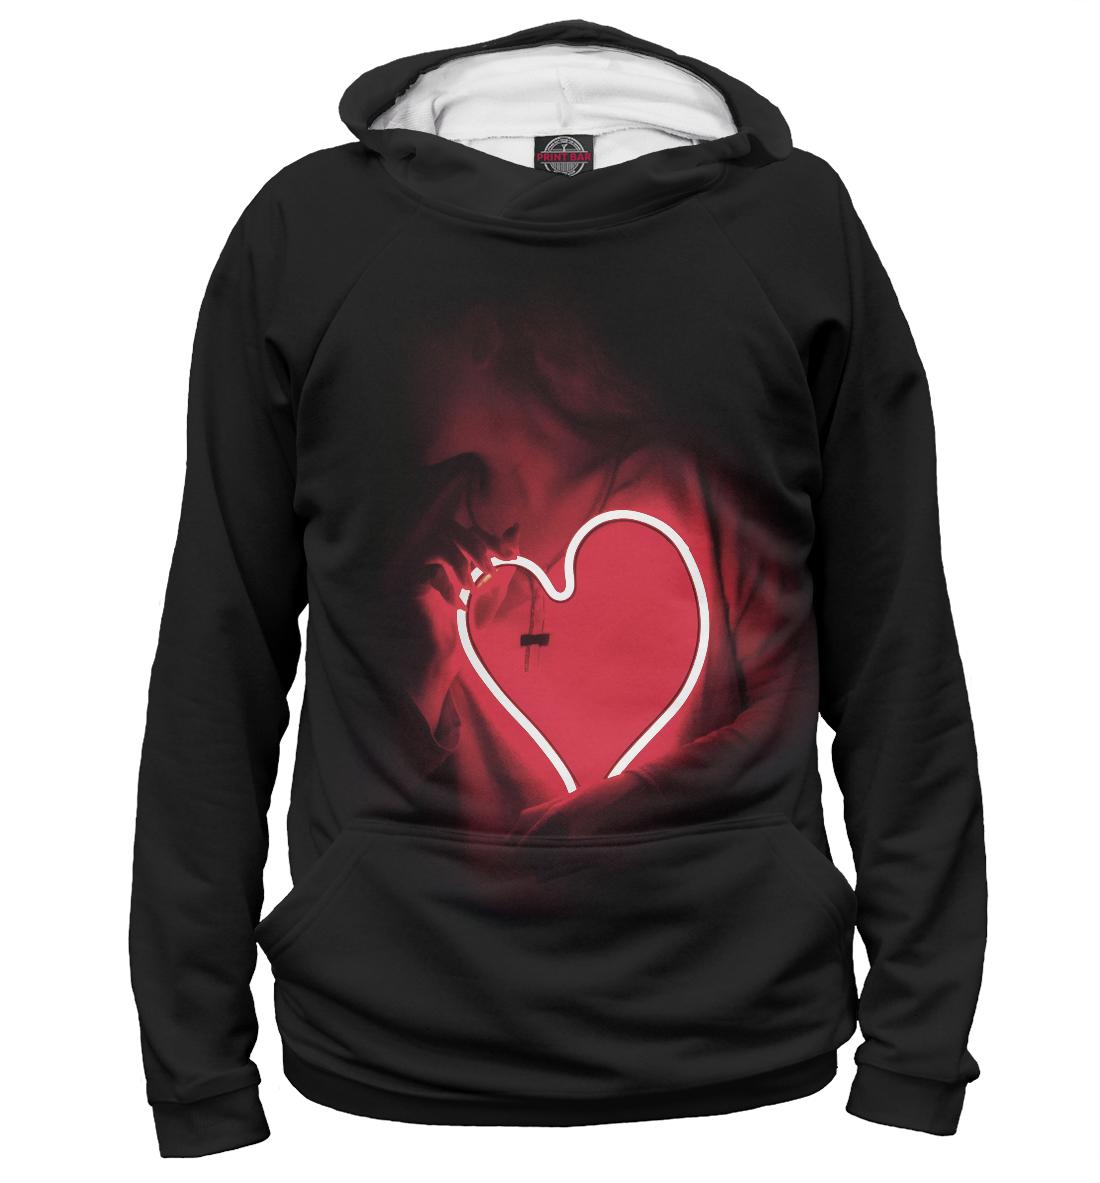 Купить Девушка с неоновым сердцем, Printbar, Худи, SRD-833167-hud-2